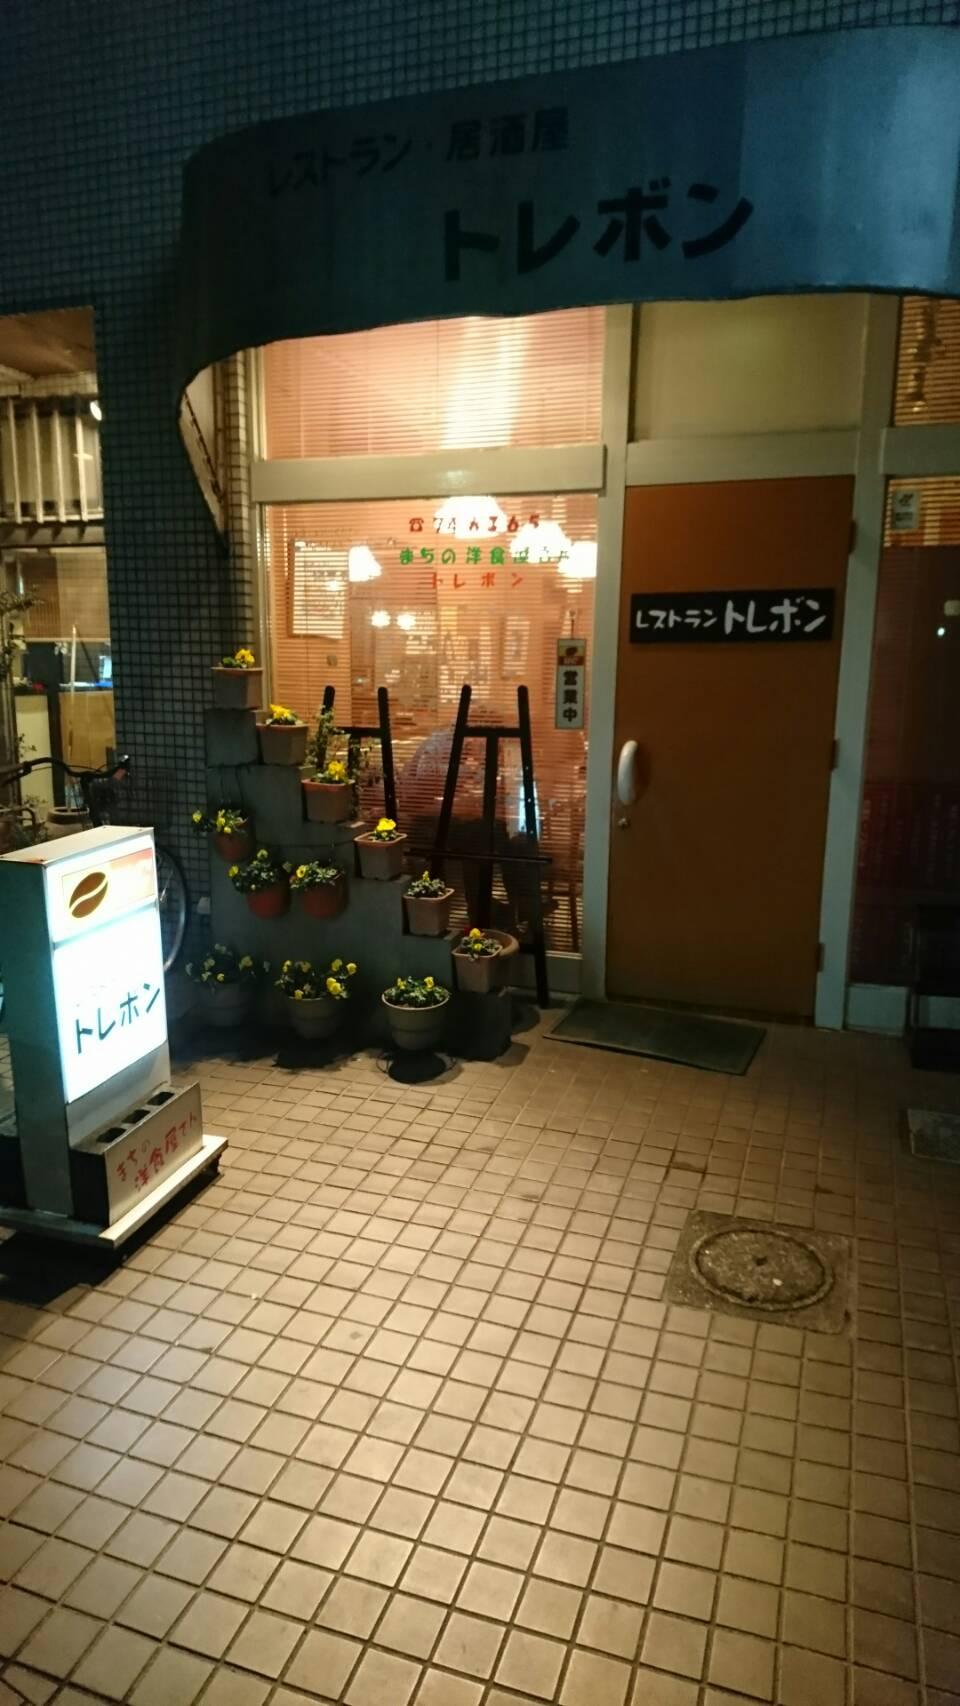 【グルメレポ】洋食レストラン トレボン@茨城県取手市